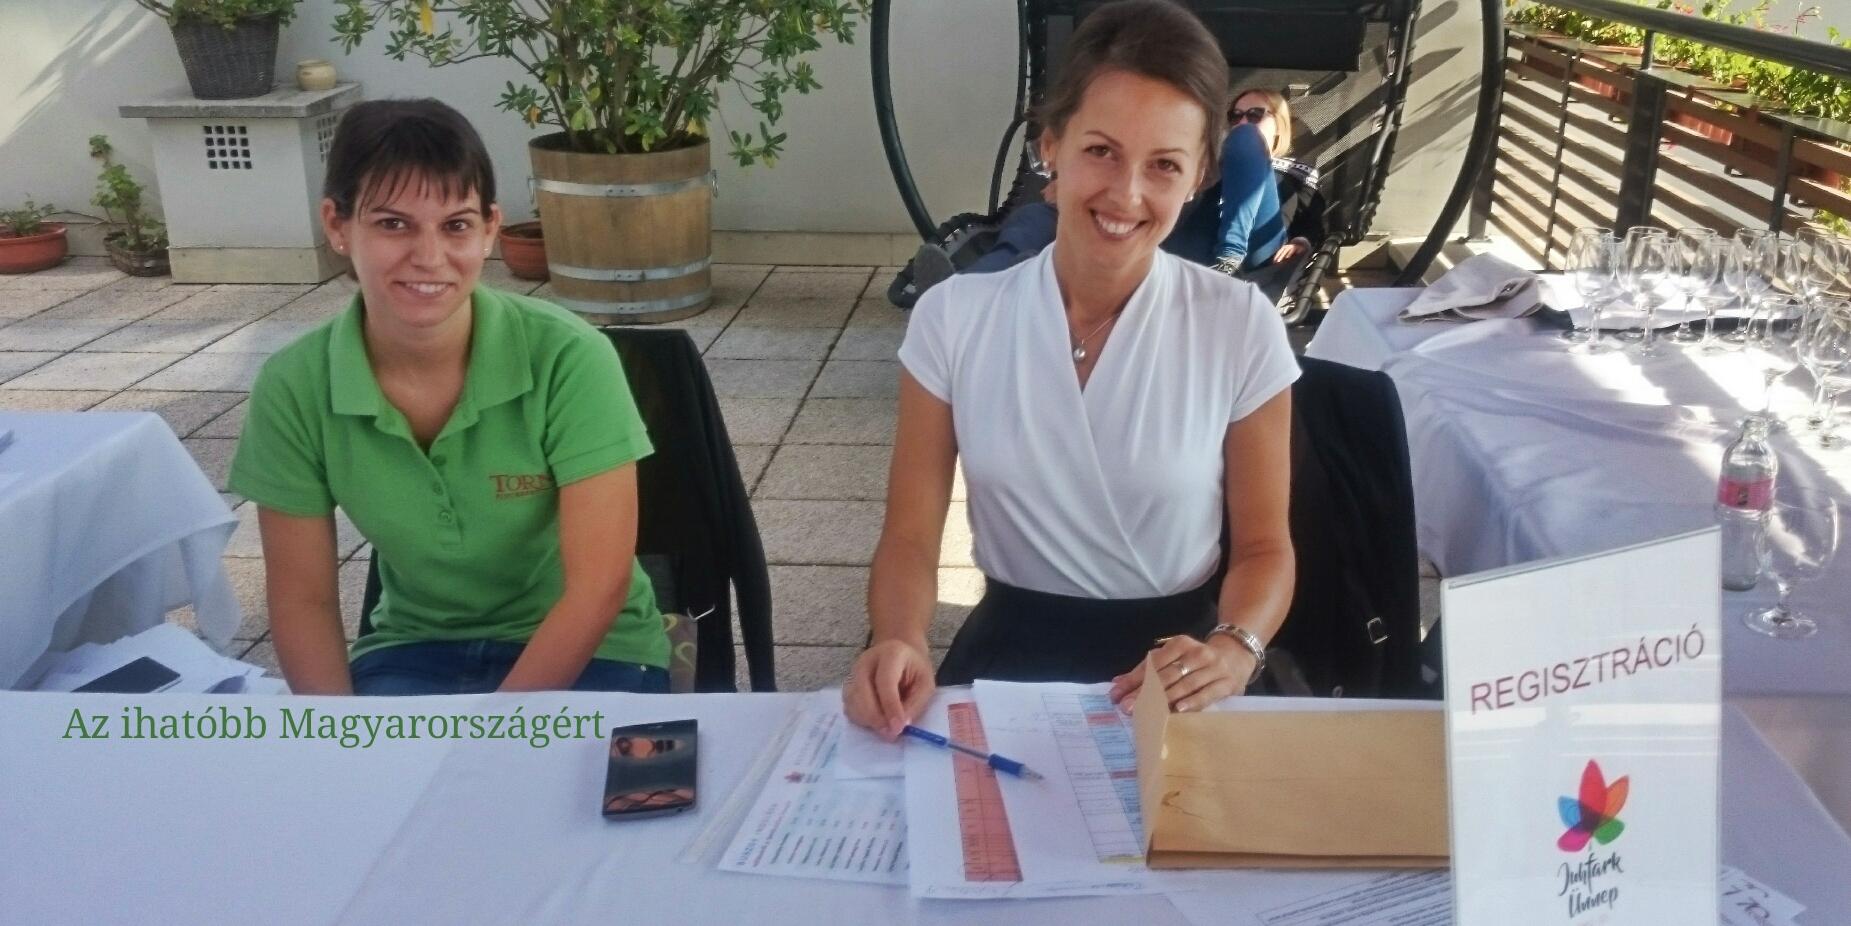 Regisztrációs mosoly